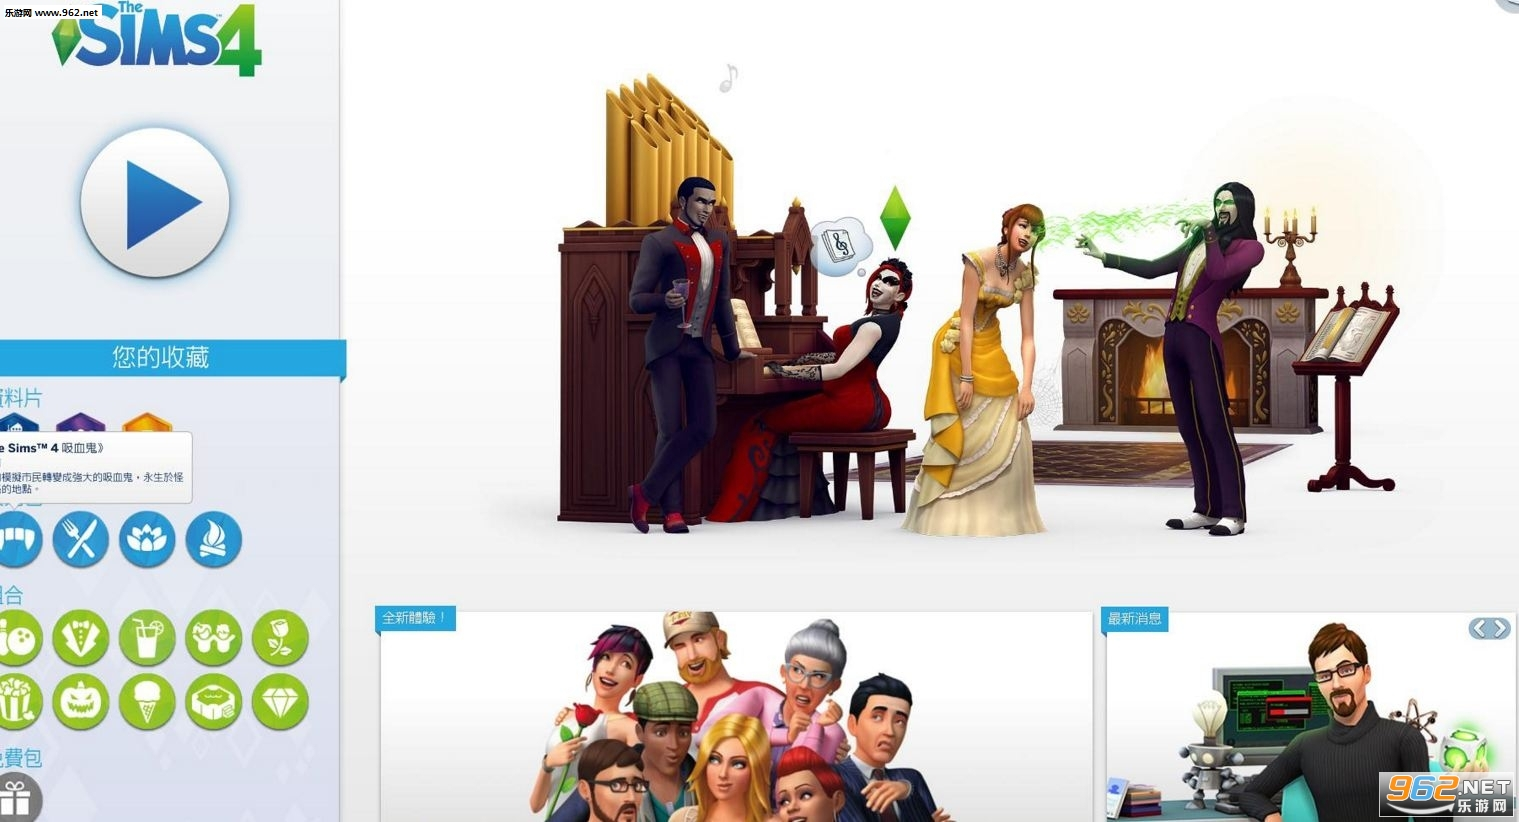 模拟人生4绅士情侣花园洋房mod正式版情趣大连酒店情趣图片